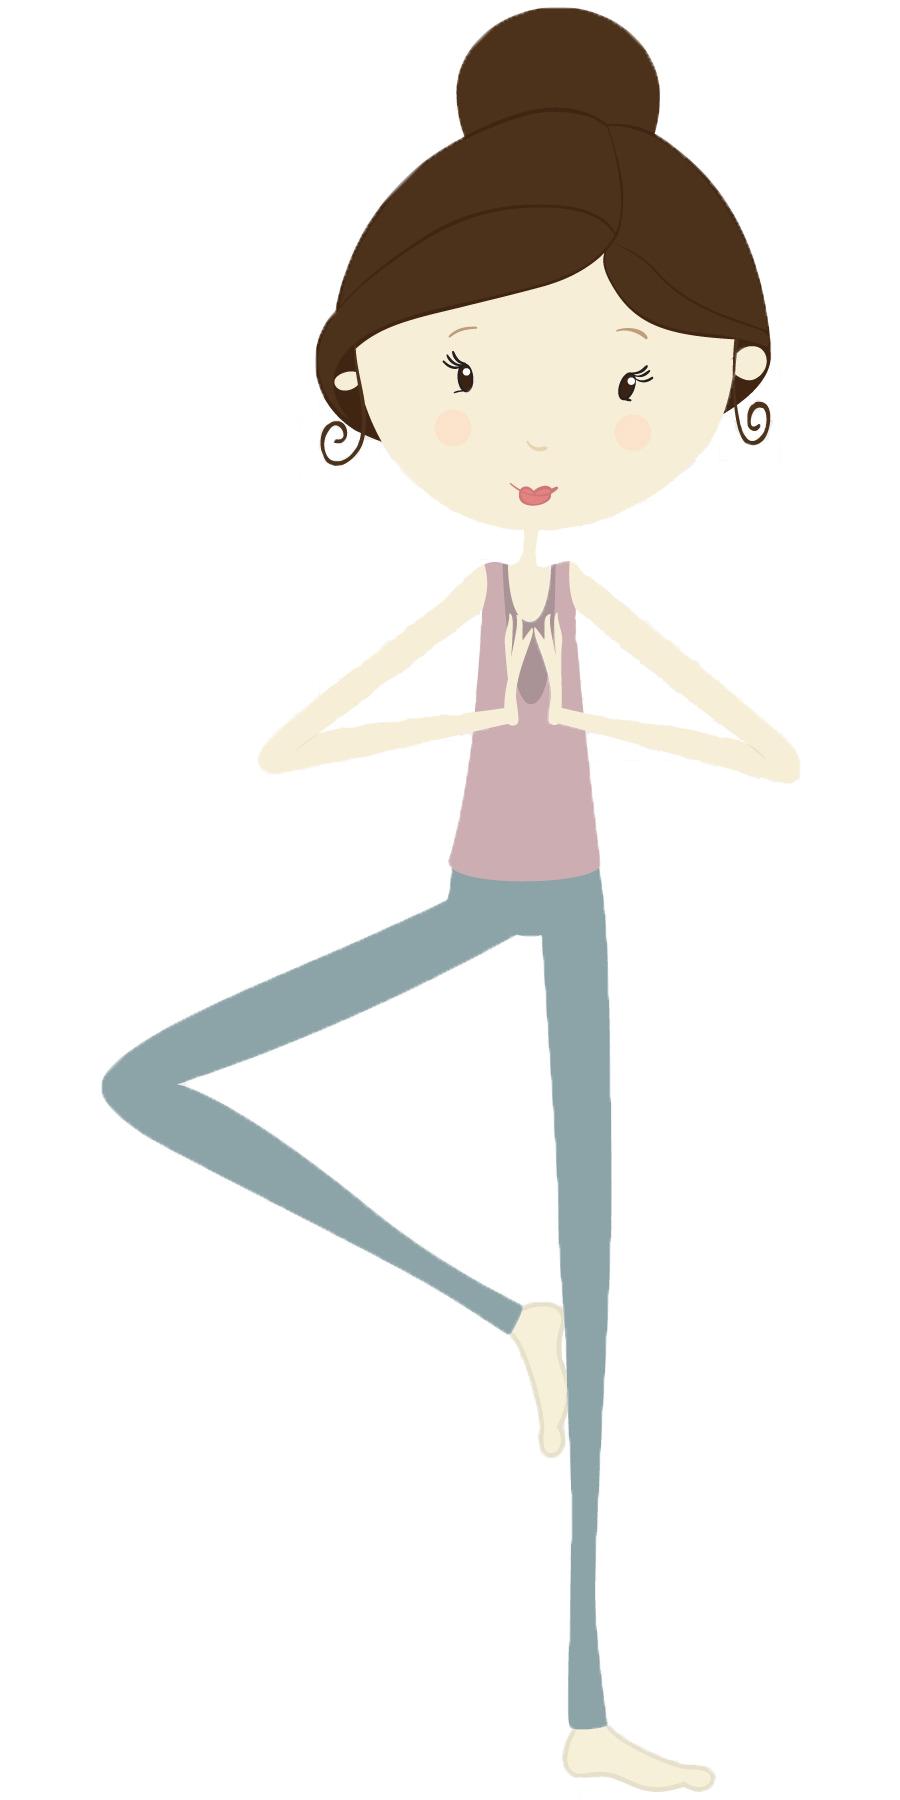 kisspng-cartoon-yoga-pilates-clip-art-5adcd920339281.2313500815244229442113 3